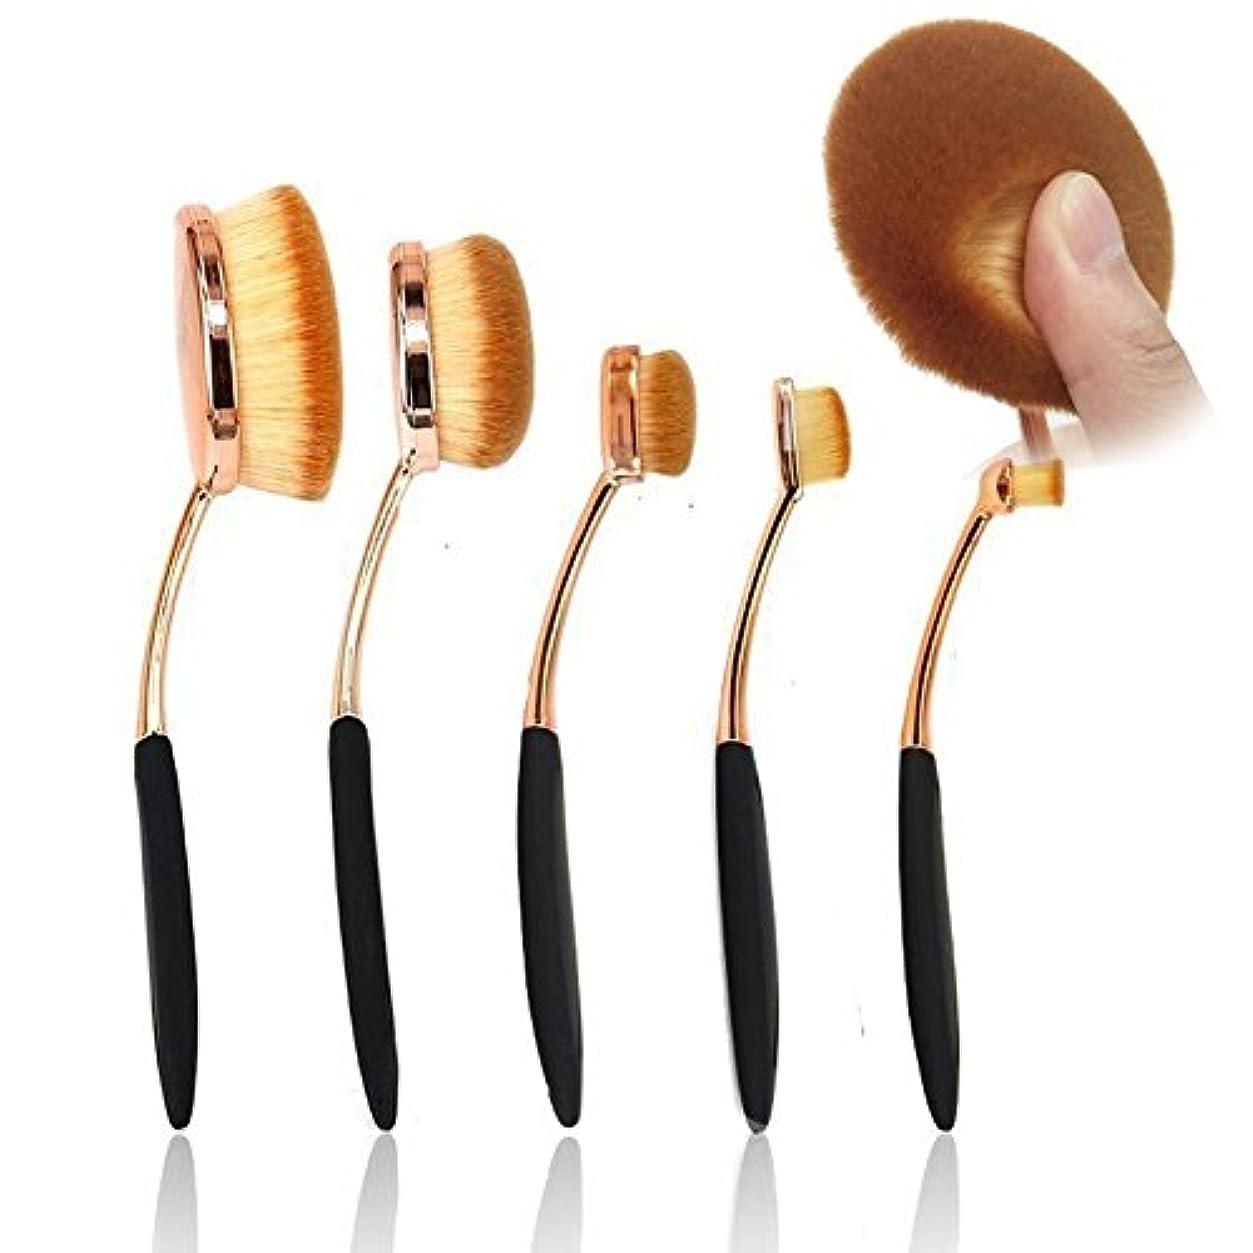 発信そうでなければ思慮のないUniSign メイクブラシ クリーナー 化粧ブラシ 天然毛 フェイスブラシ携帯用 化粧ブラシ 歯磨き型 5本セット プレゼント